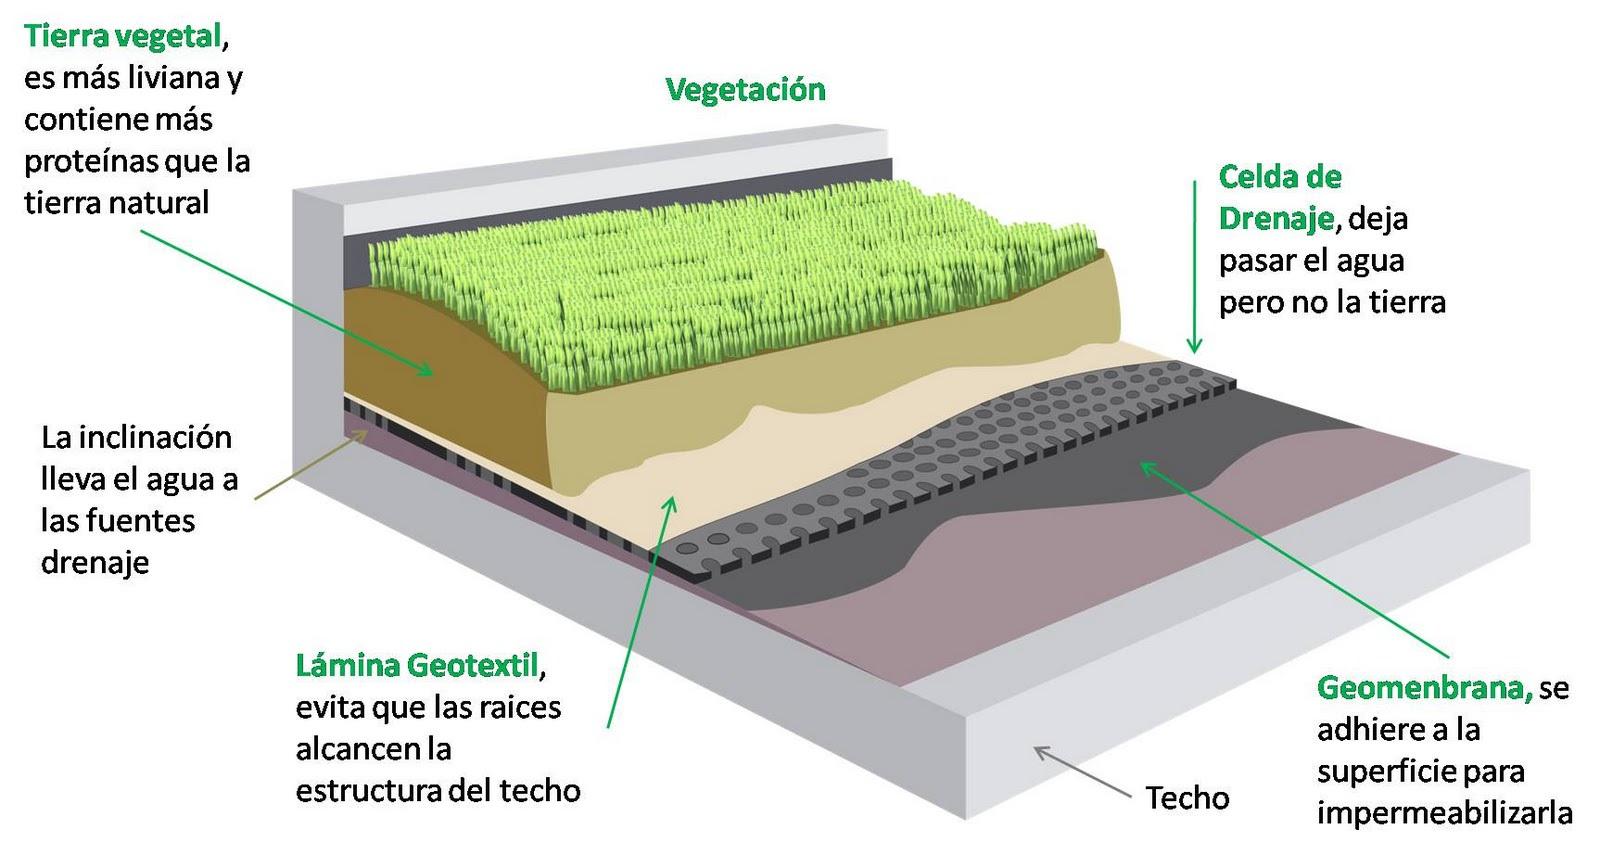 techos verdes para mitigar el impacto ambiental del calentamiento global